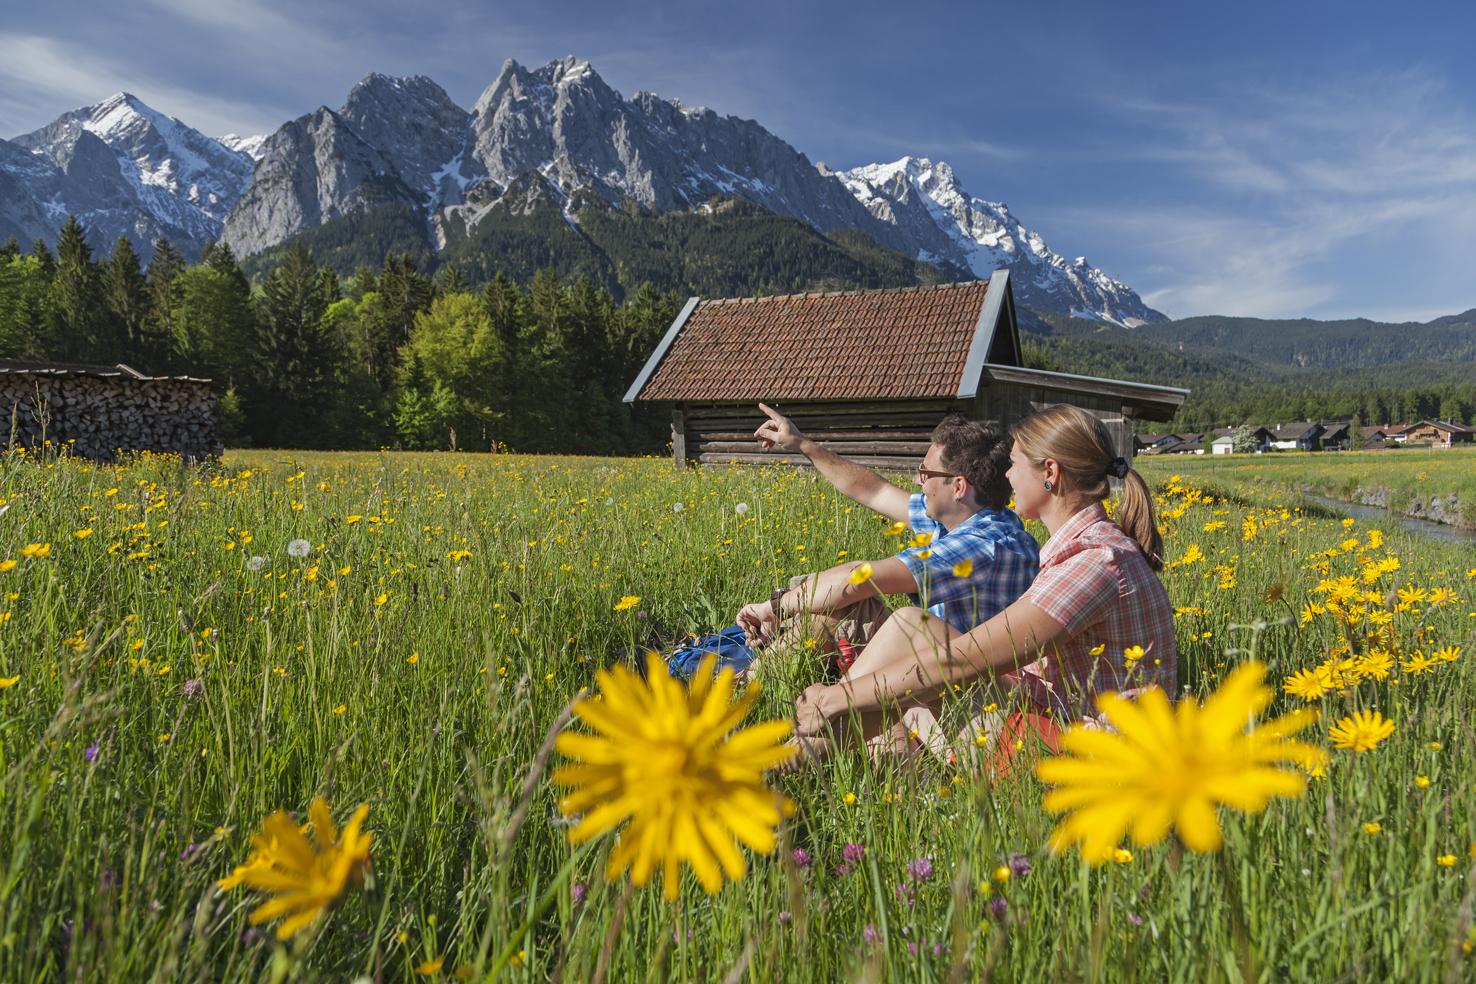 Grainau im Frühling mit Zugspitzmassiv